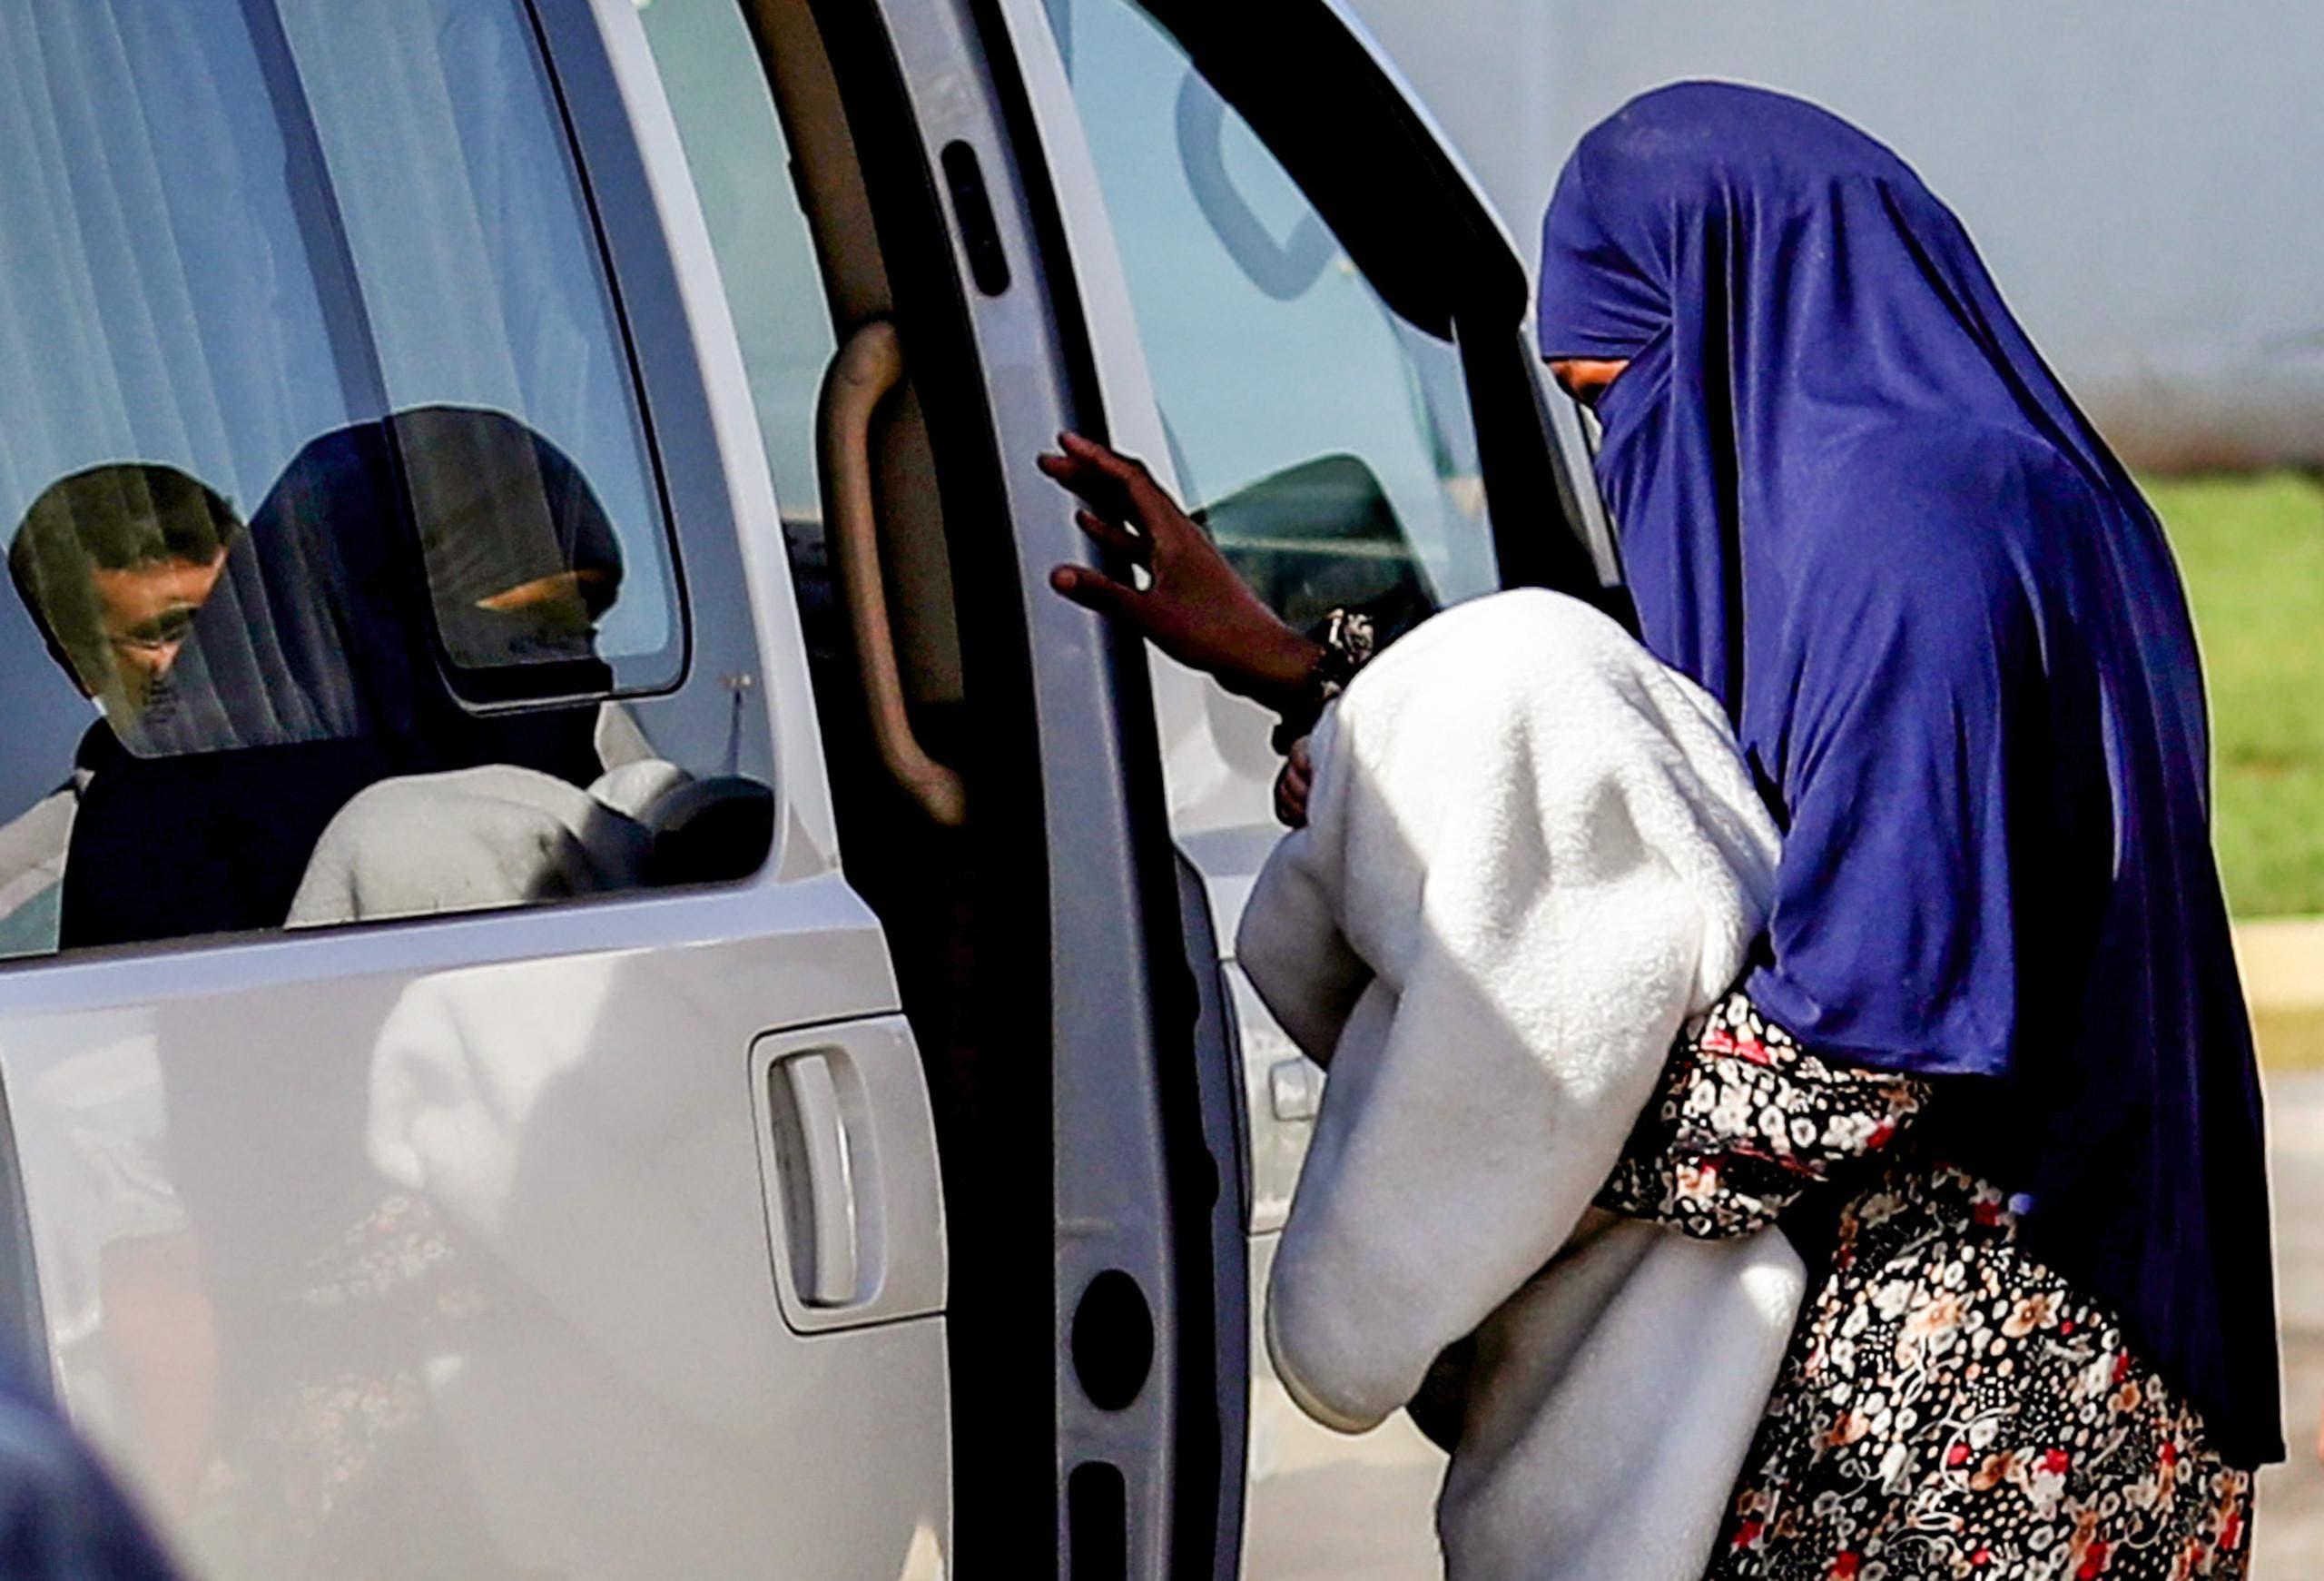 Sudan ISIS 1 (AFP)